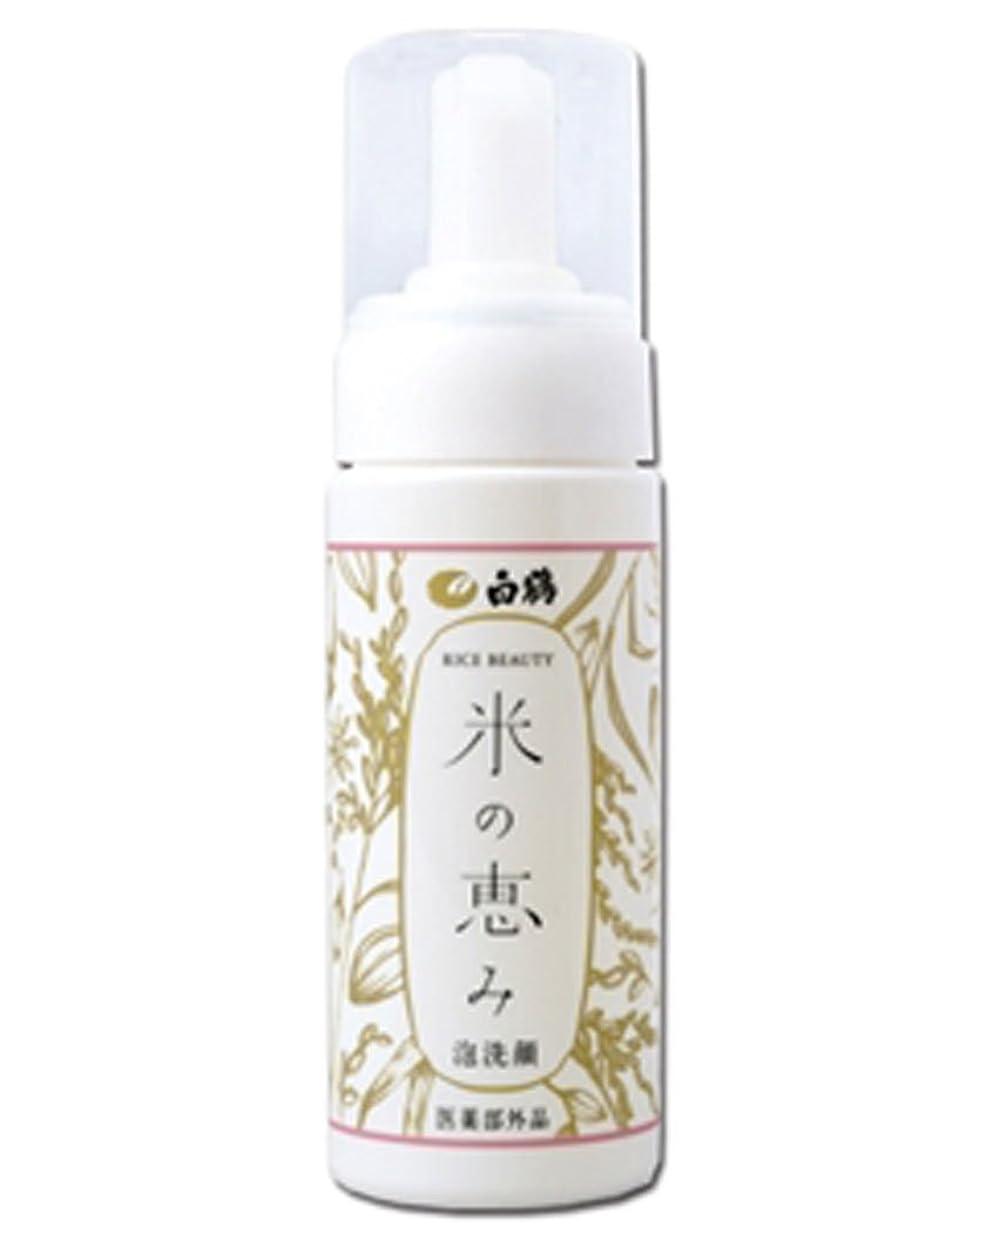 止まる寄託証言する白鶴 ライスビューティー 米の恵み 泡洗顔 150ml (医薬部外品)